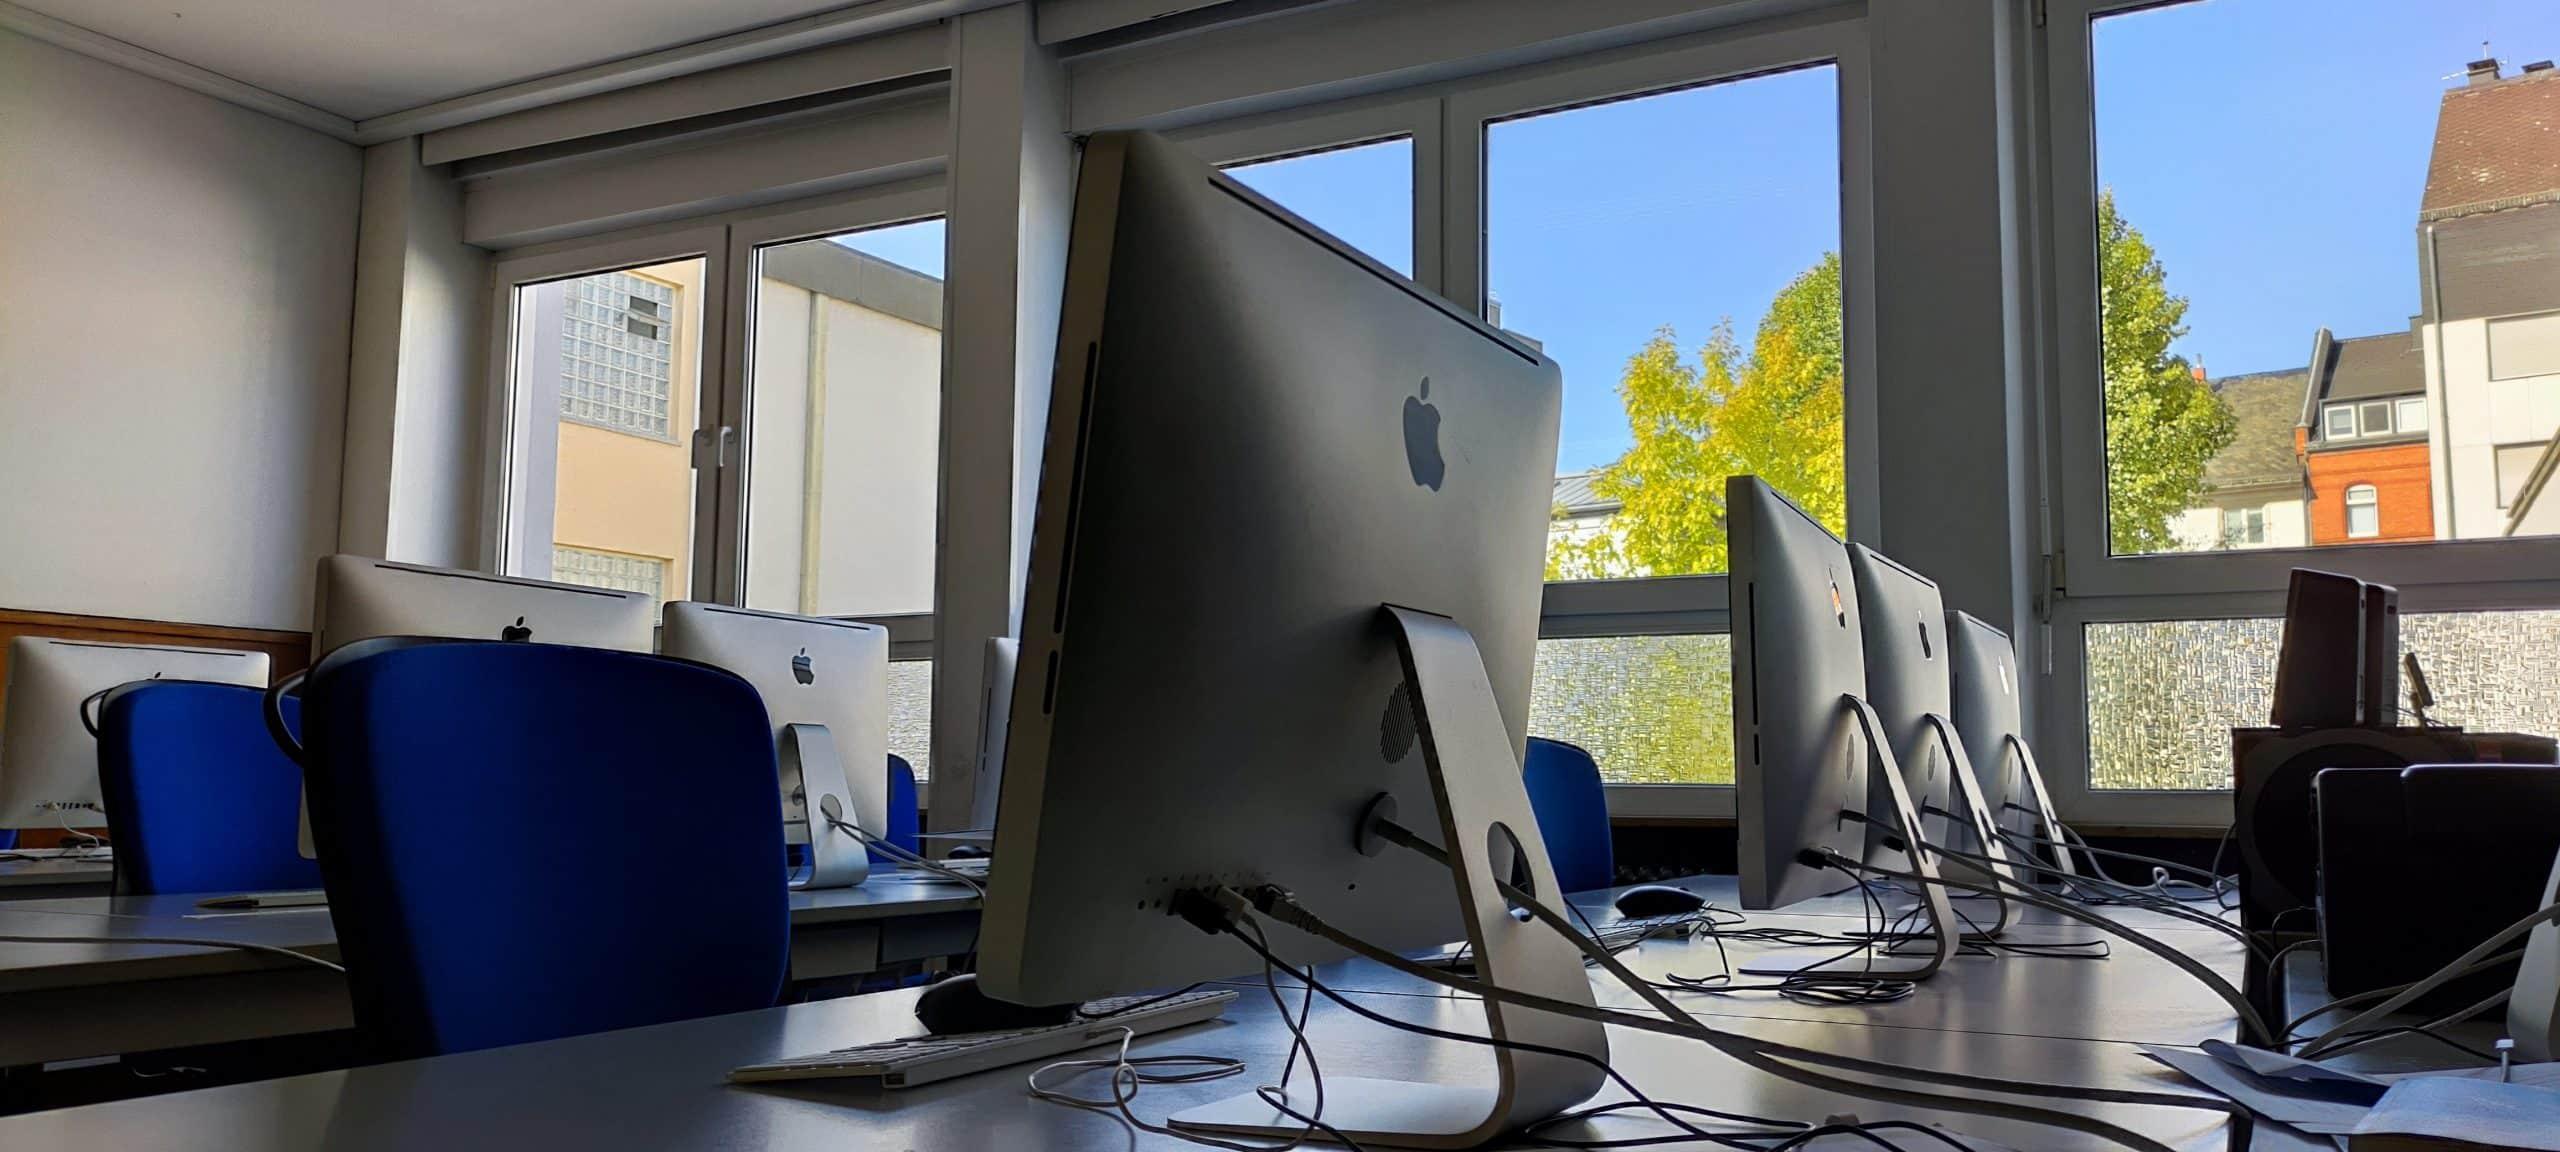 Dr. Zimmermannsche Wirtschaftsschule in Koblenz iMac-Raum